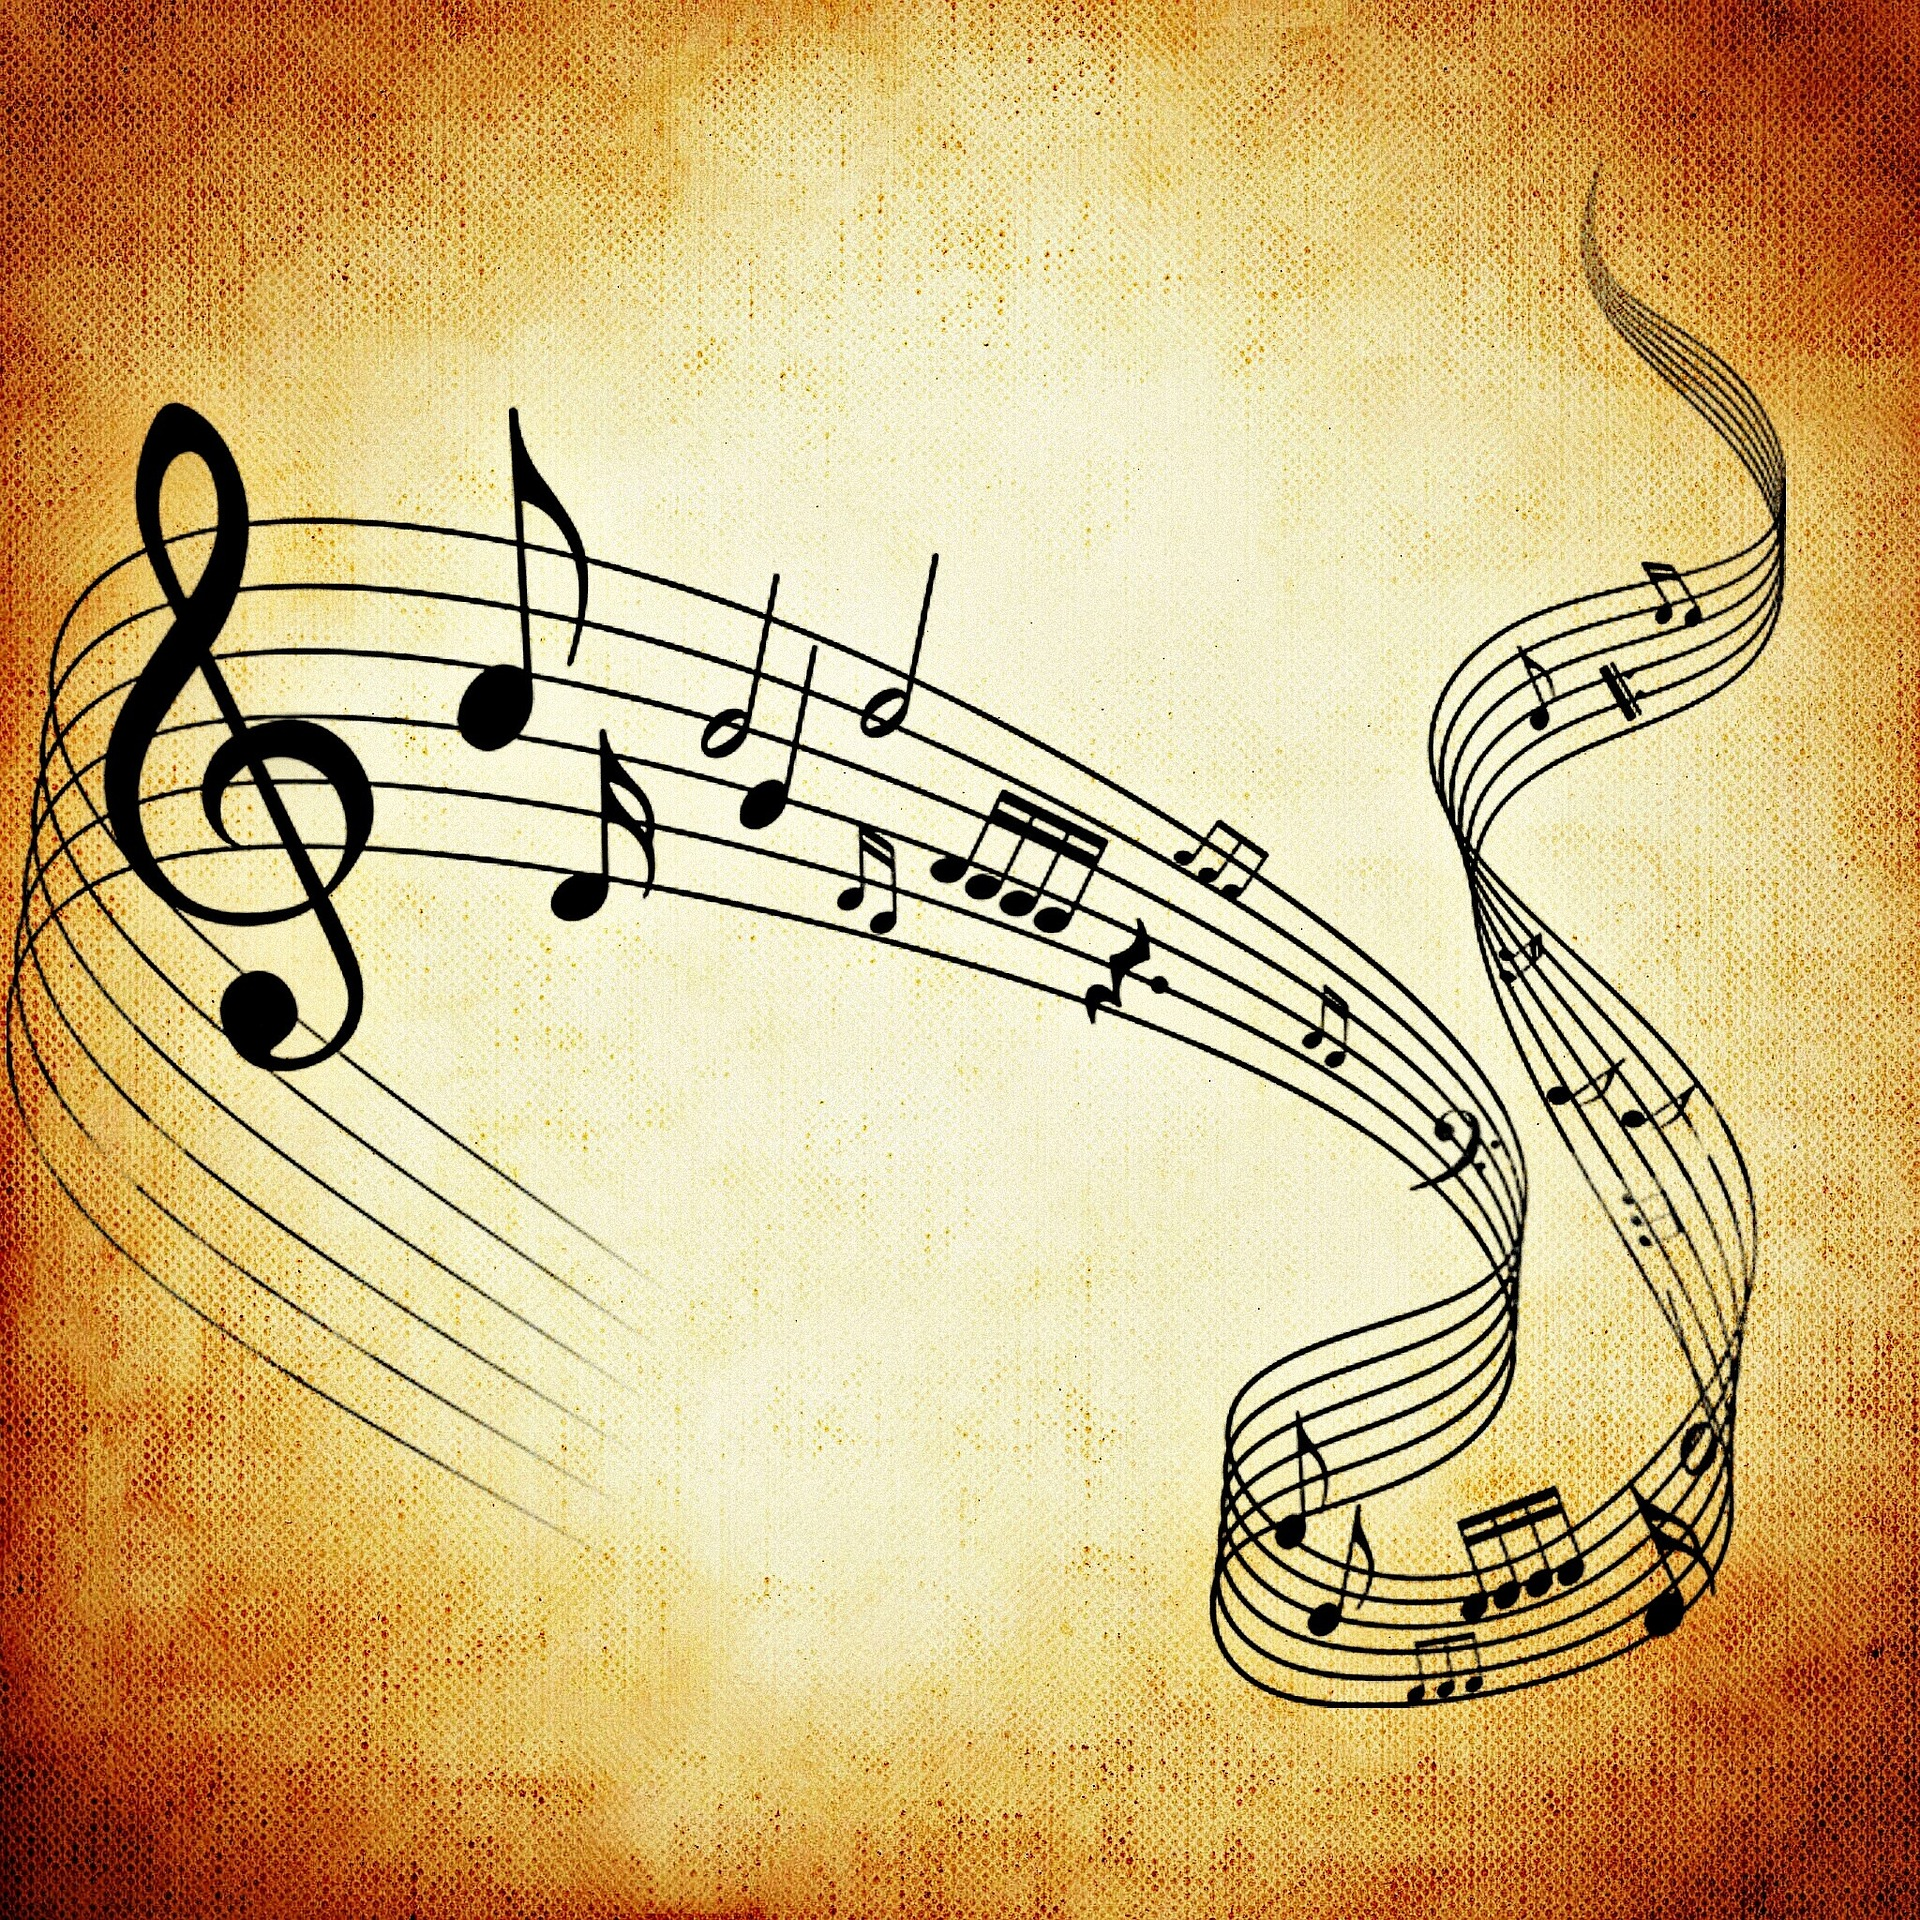 Cine interpretează melodia? (1)